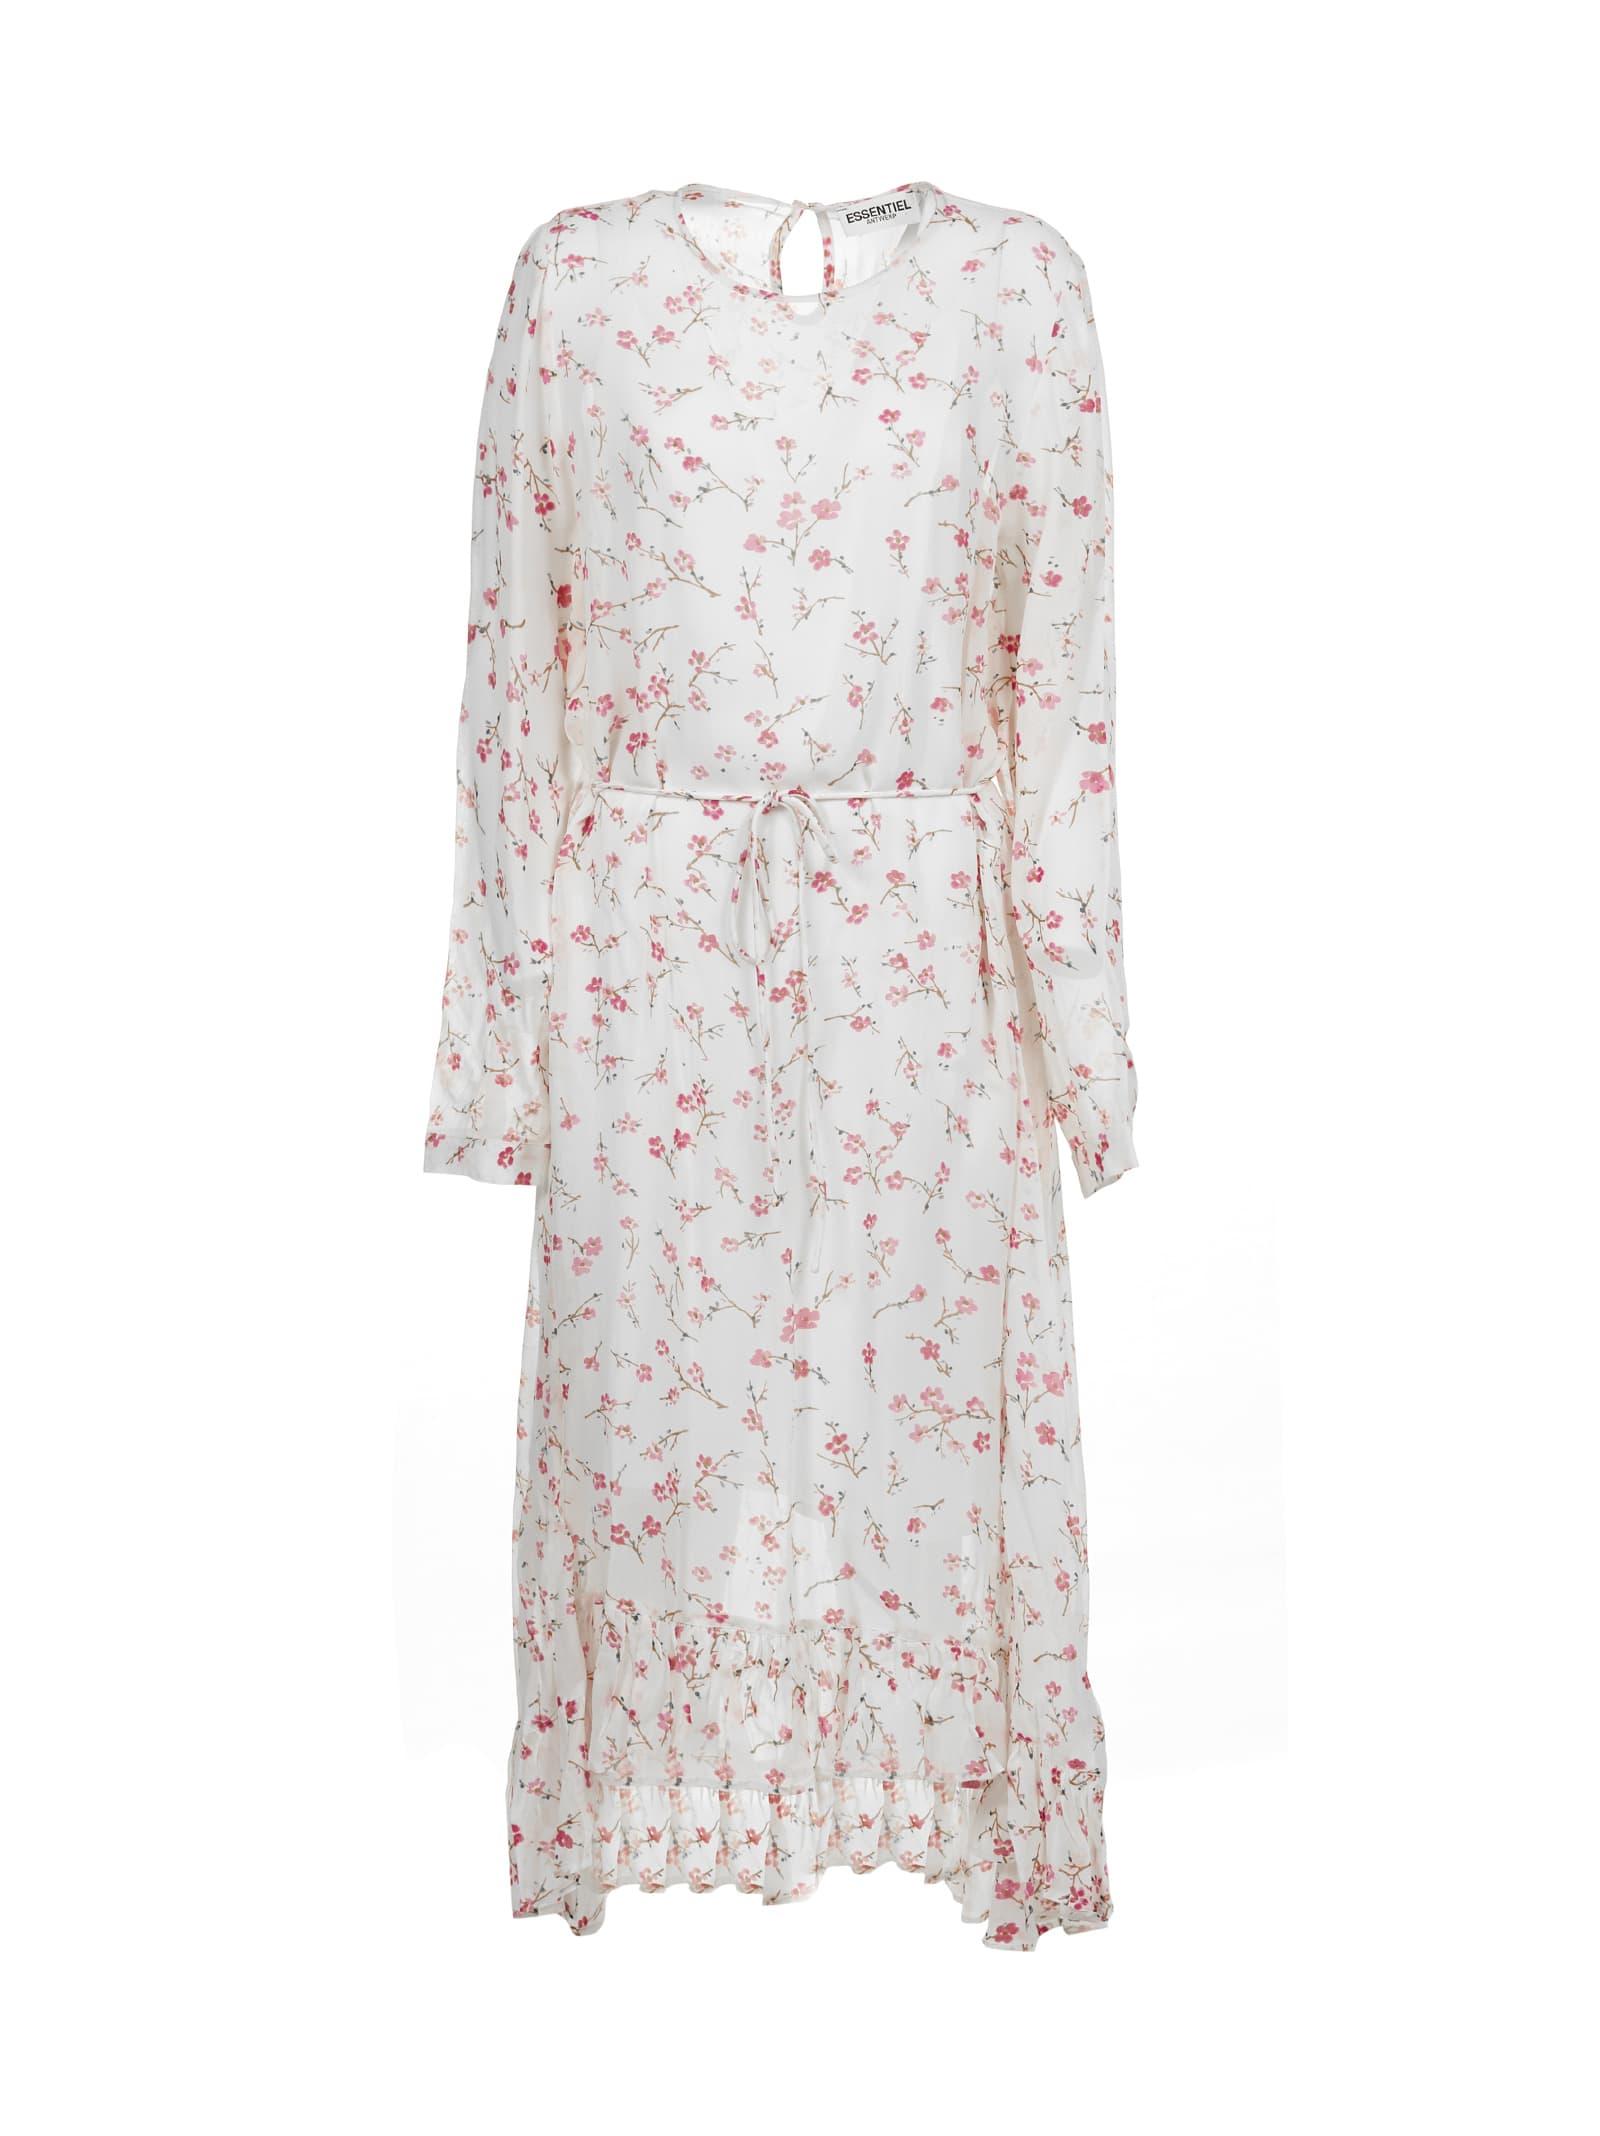 Buy Essentiel Antwerp Flower Print Dress online, shop Essentiel Antwerp with free shipping